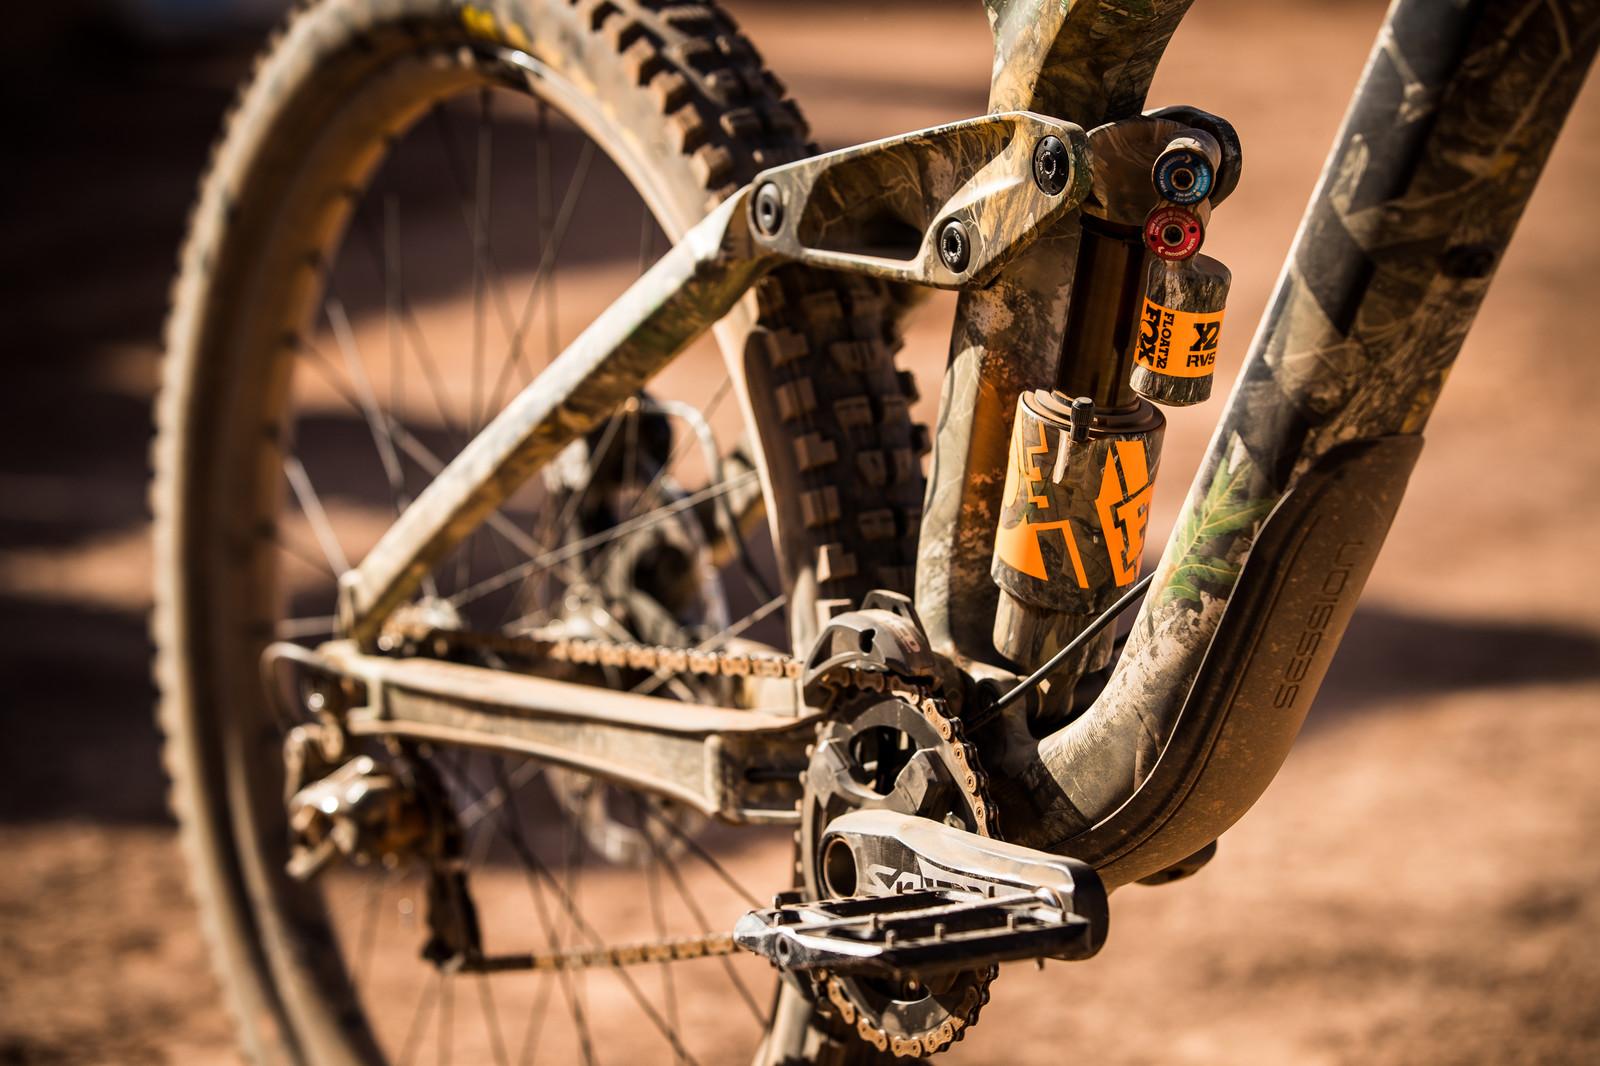 Brett Rheeder's Trek Session for Rampage 2019 - RAMPAGE BIKE - Brett Rheeder's Trek Session - Mountain Biking Pictures - Vital MTB